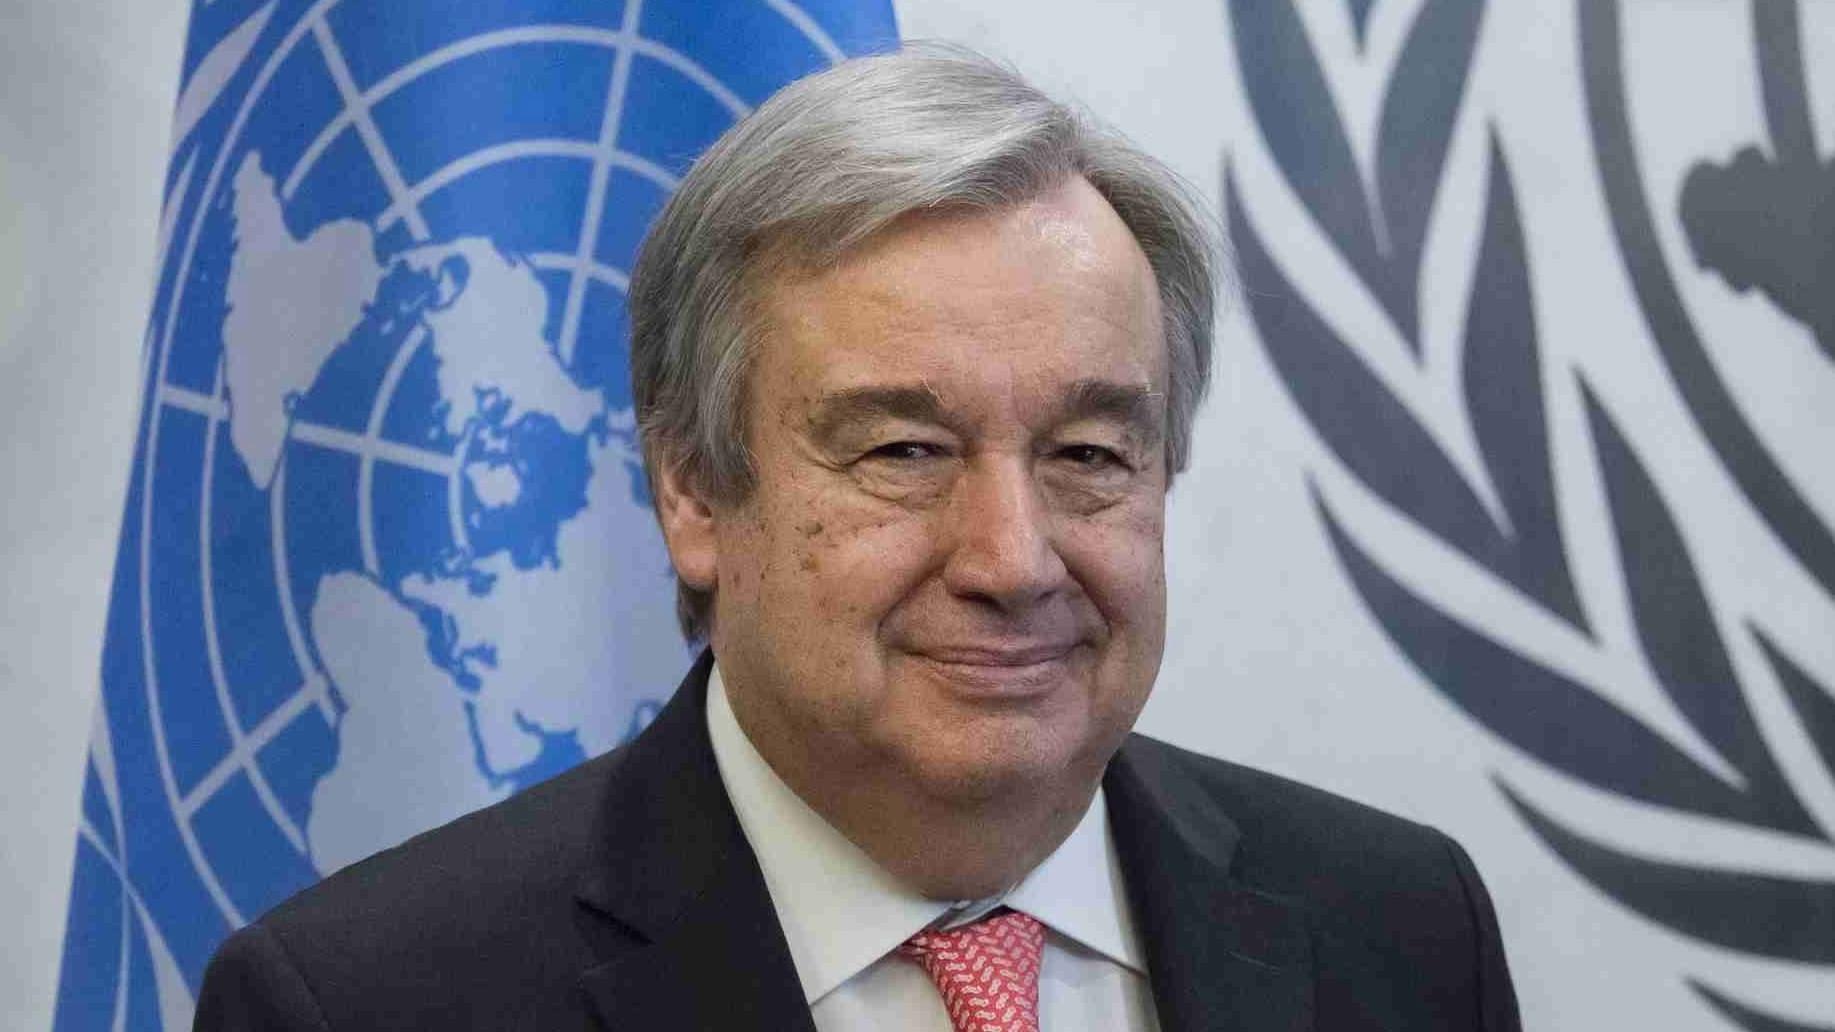 UN chief Antonio Guterres welcomes Kim